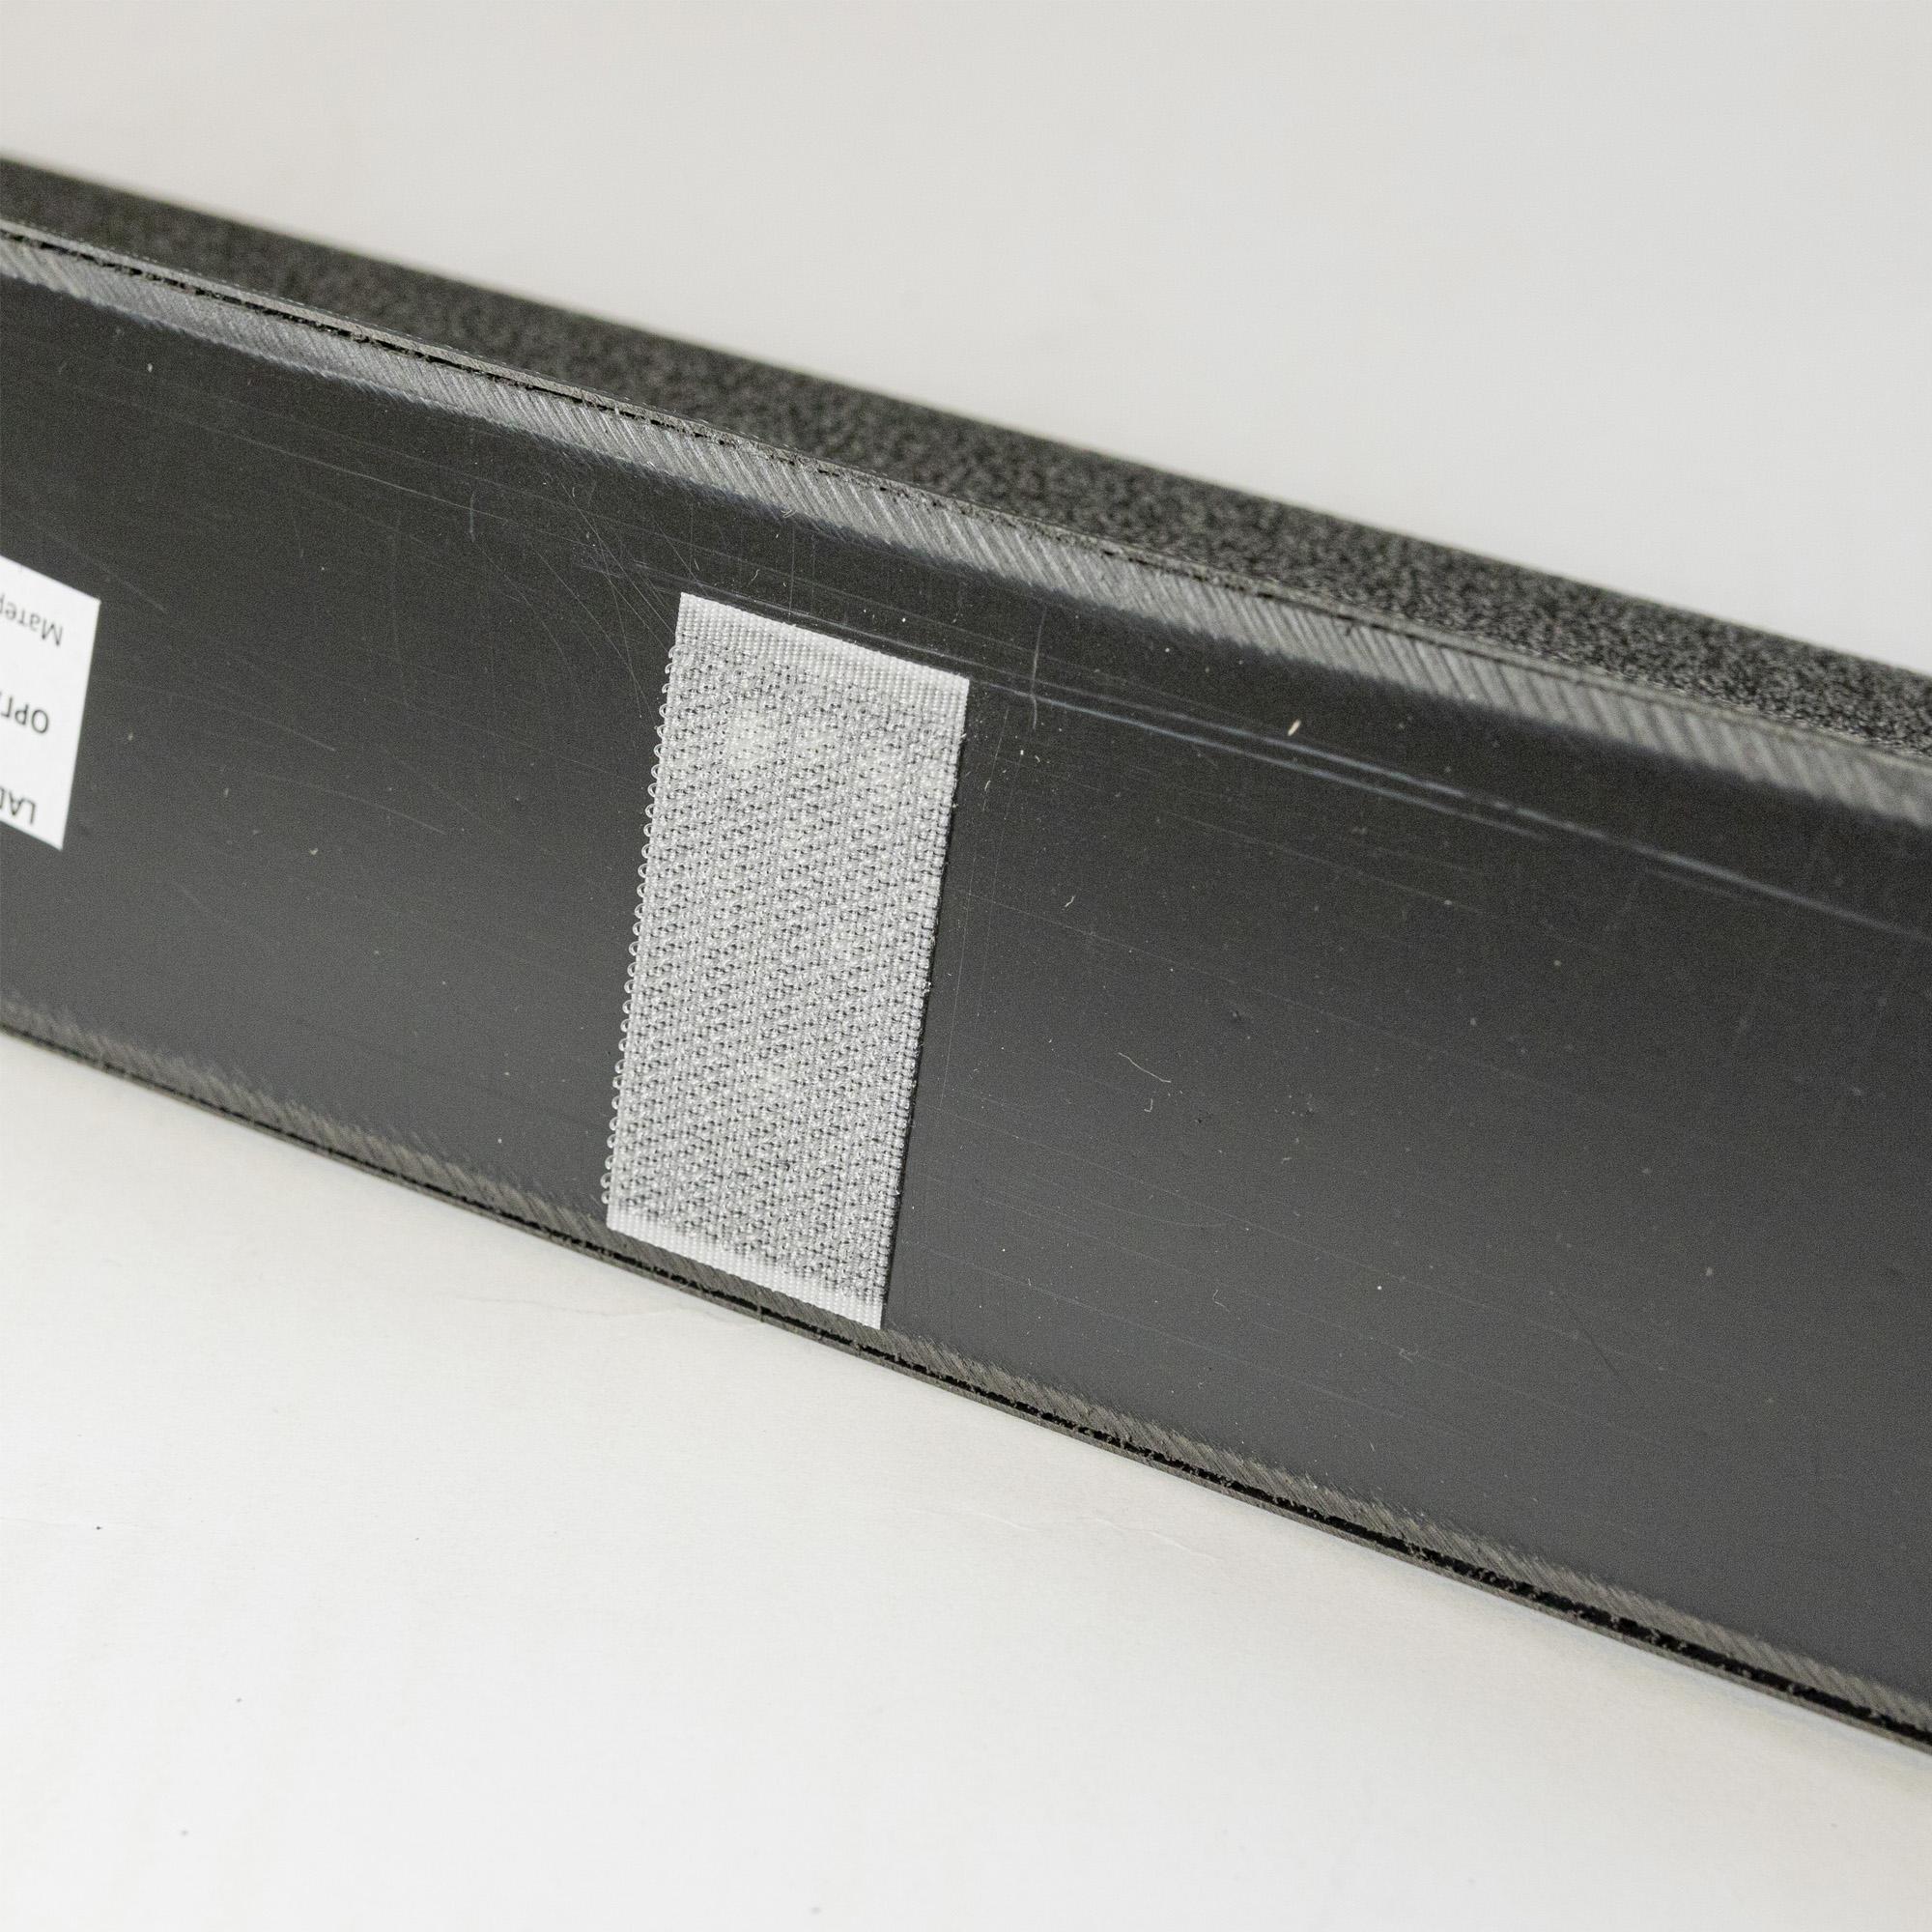 органайзер в багаж иксрей2